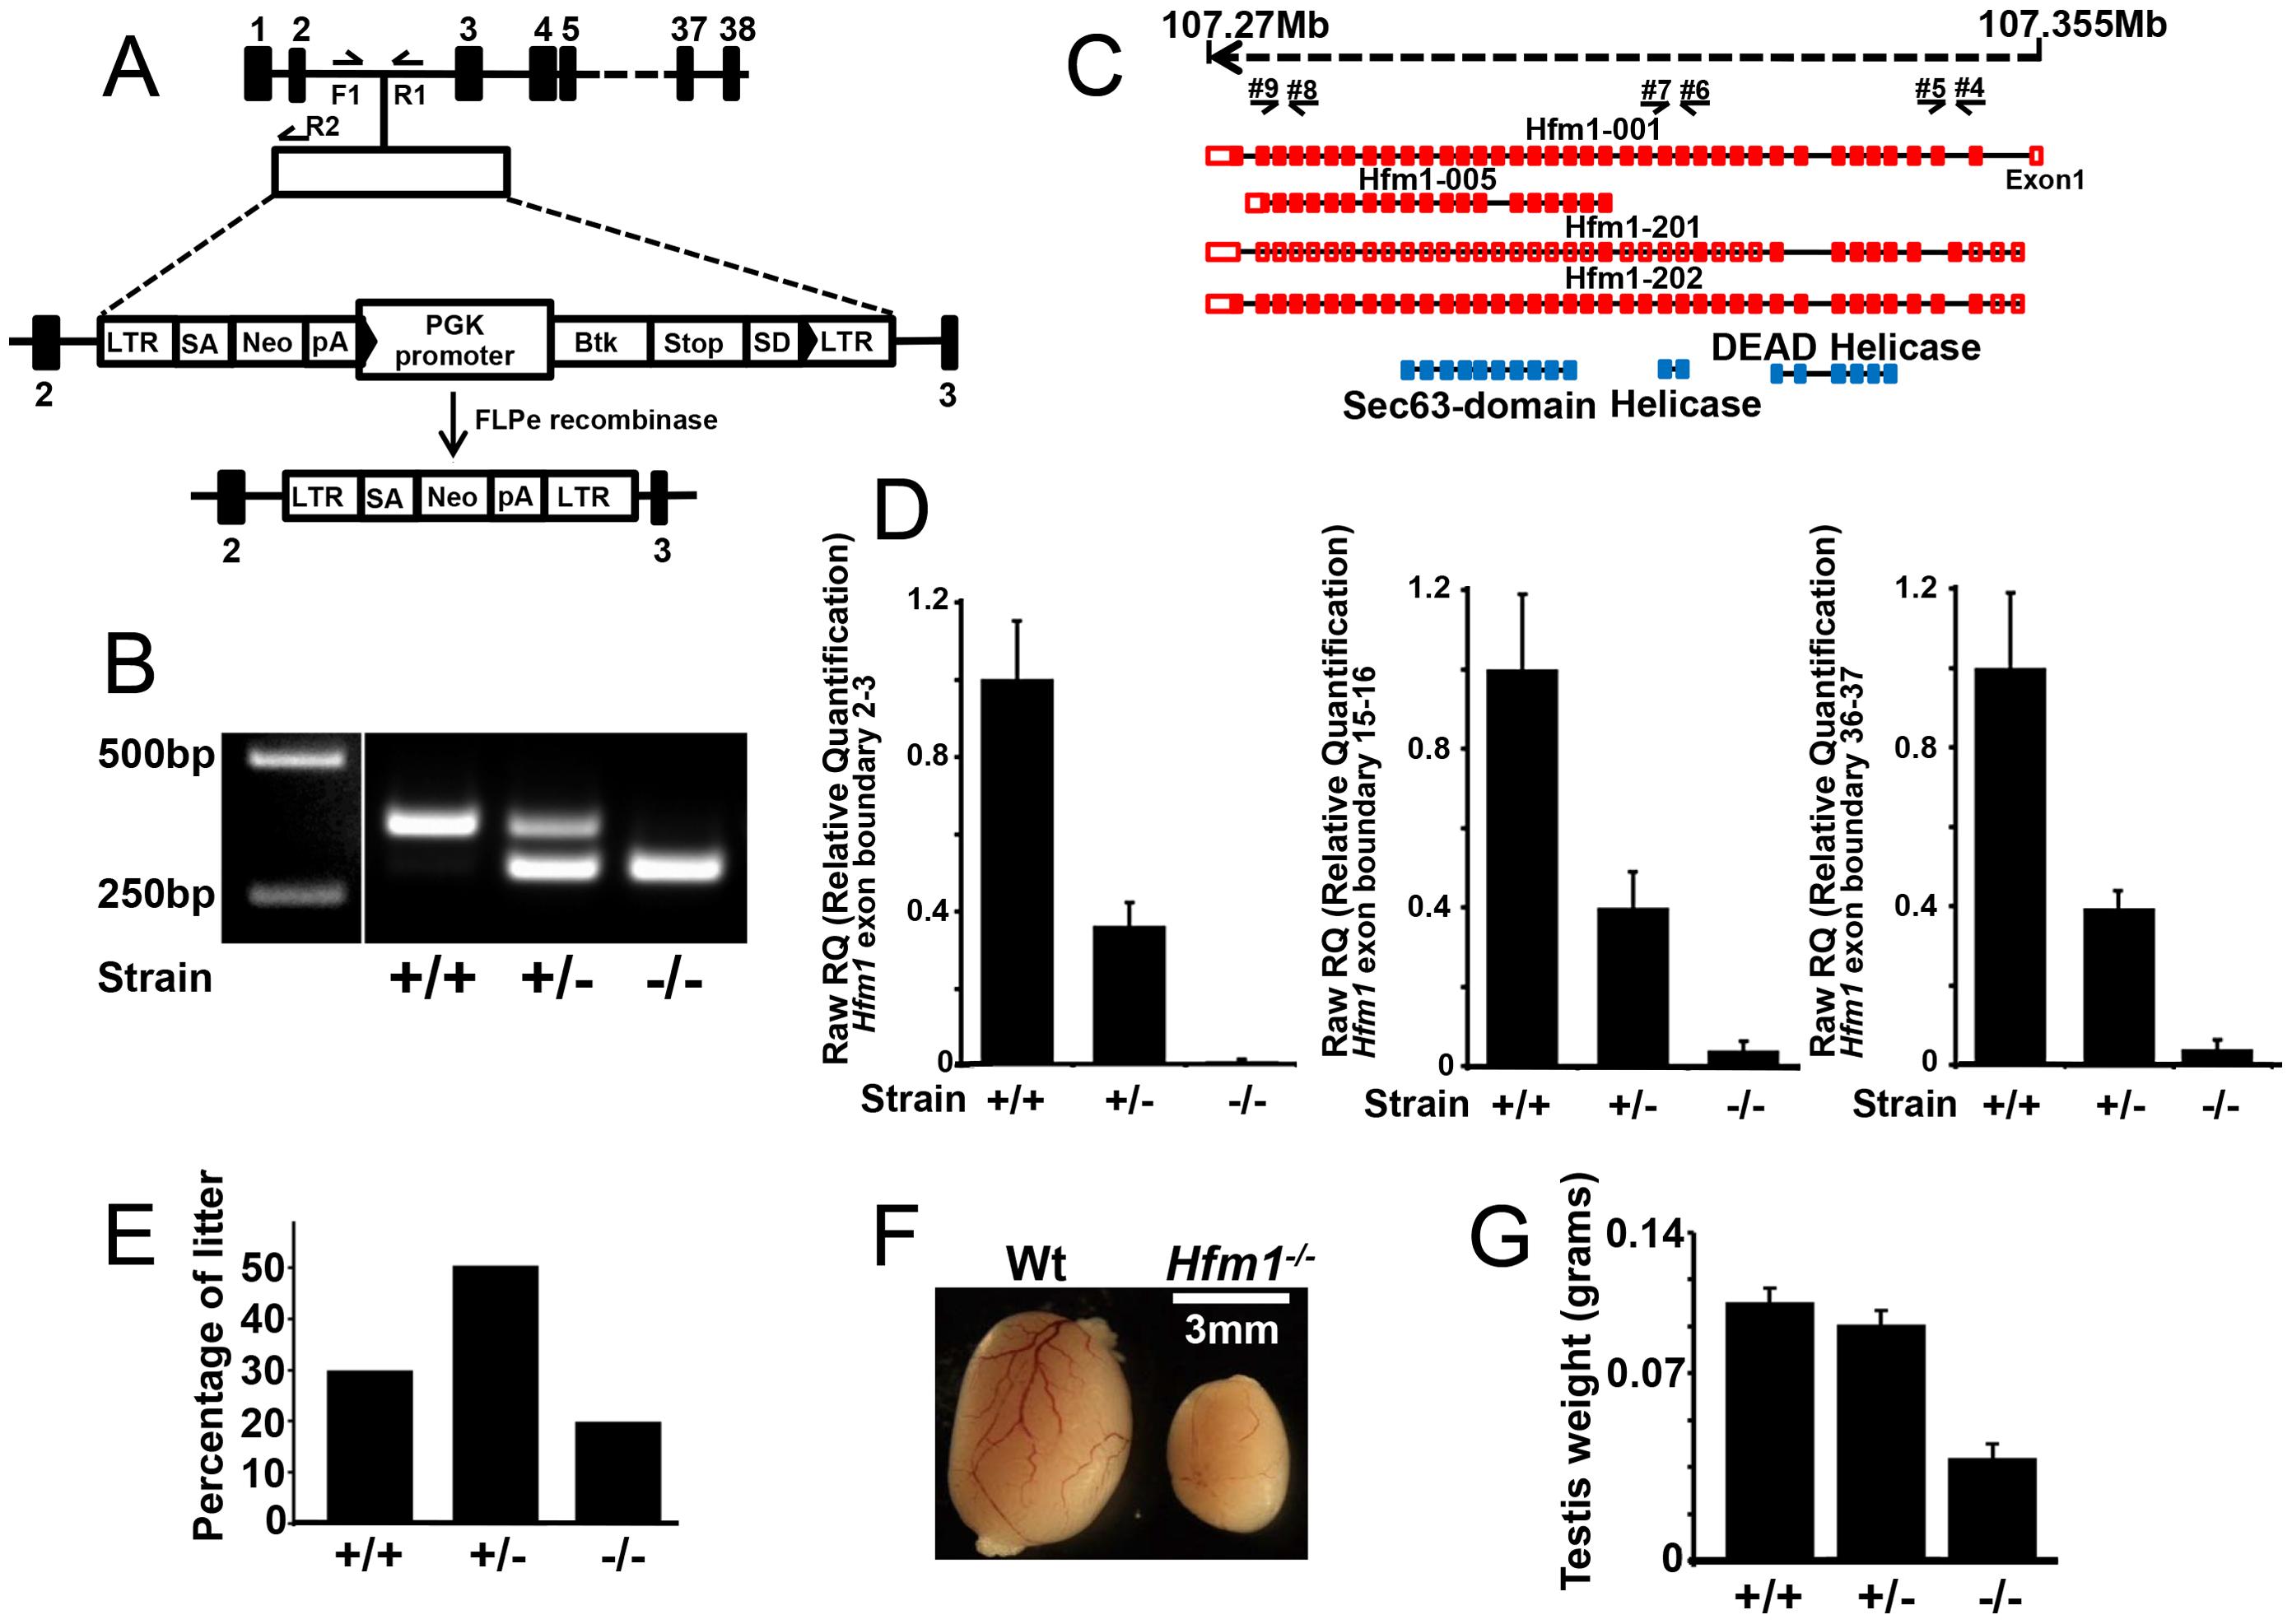 <i>Hfm1</i> gene target design and expression of <i>Hfm1</i> in mutant mice.